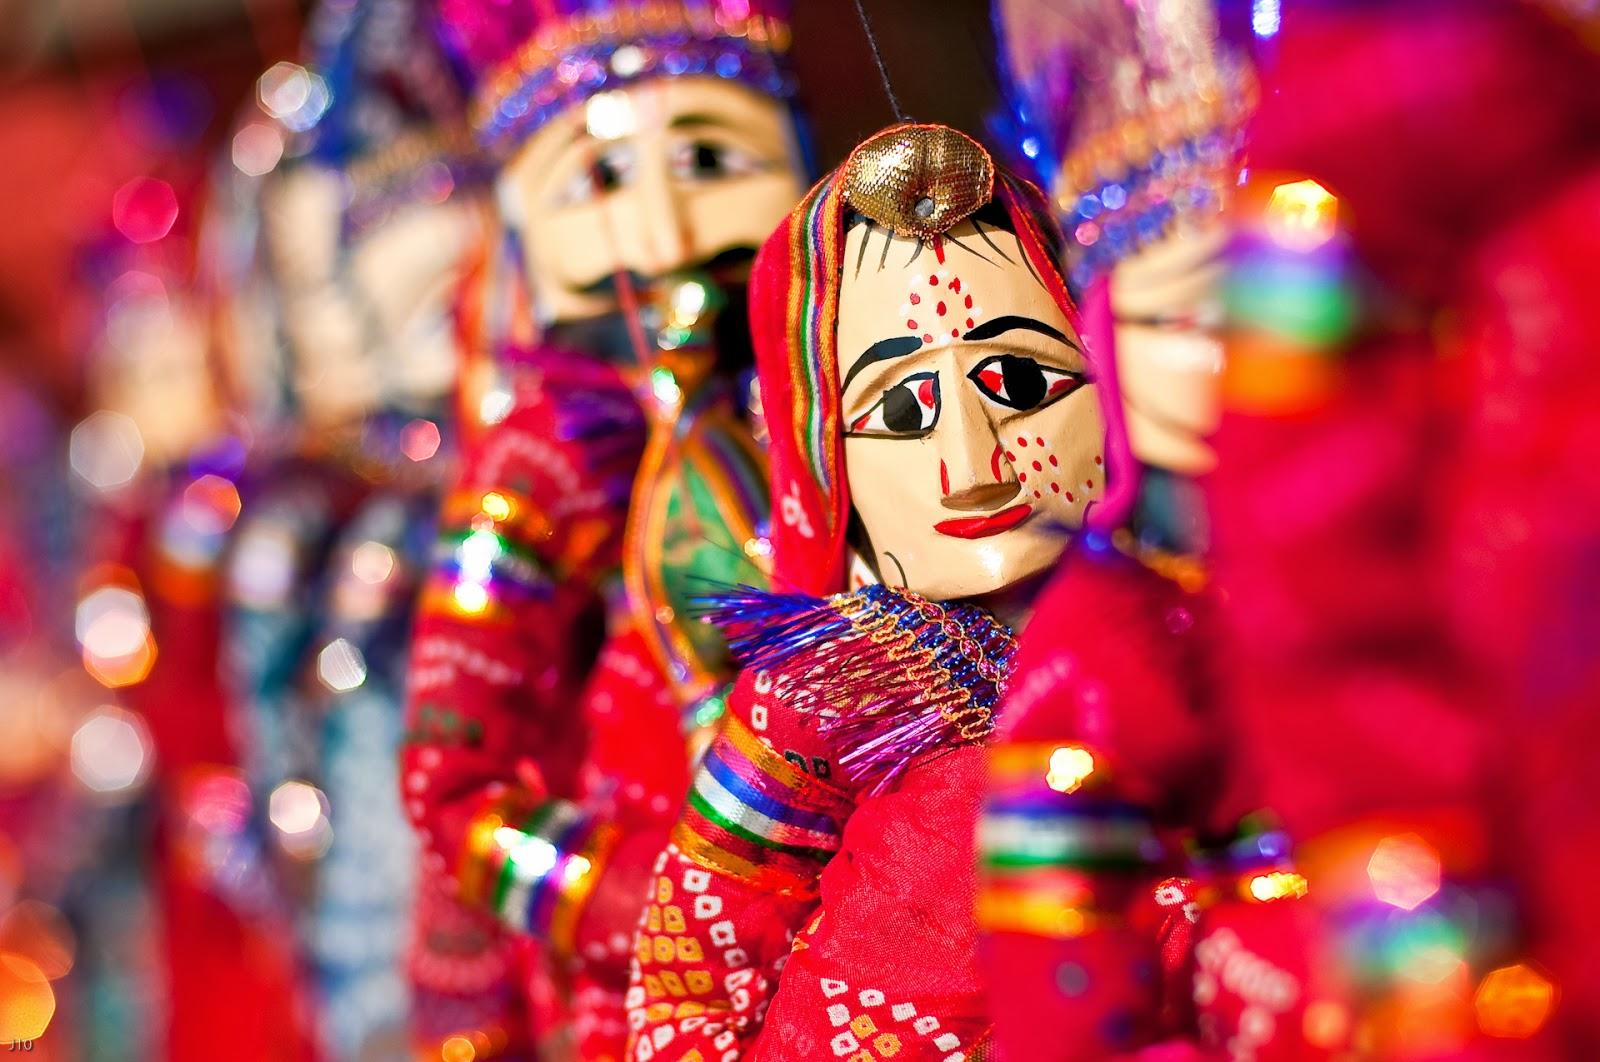 Niagara Falls Hd Wallpaper Wayfarers Club Kathputli The Rajasthani Theatre Art